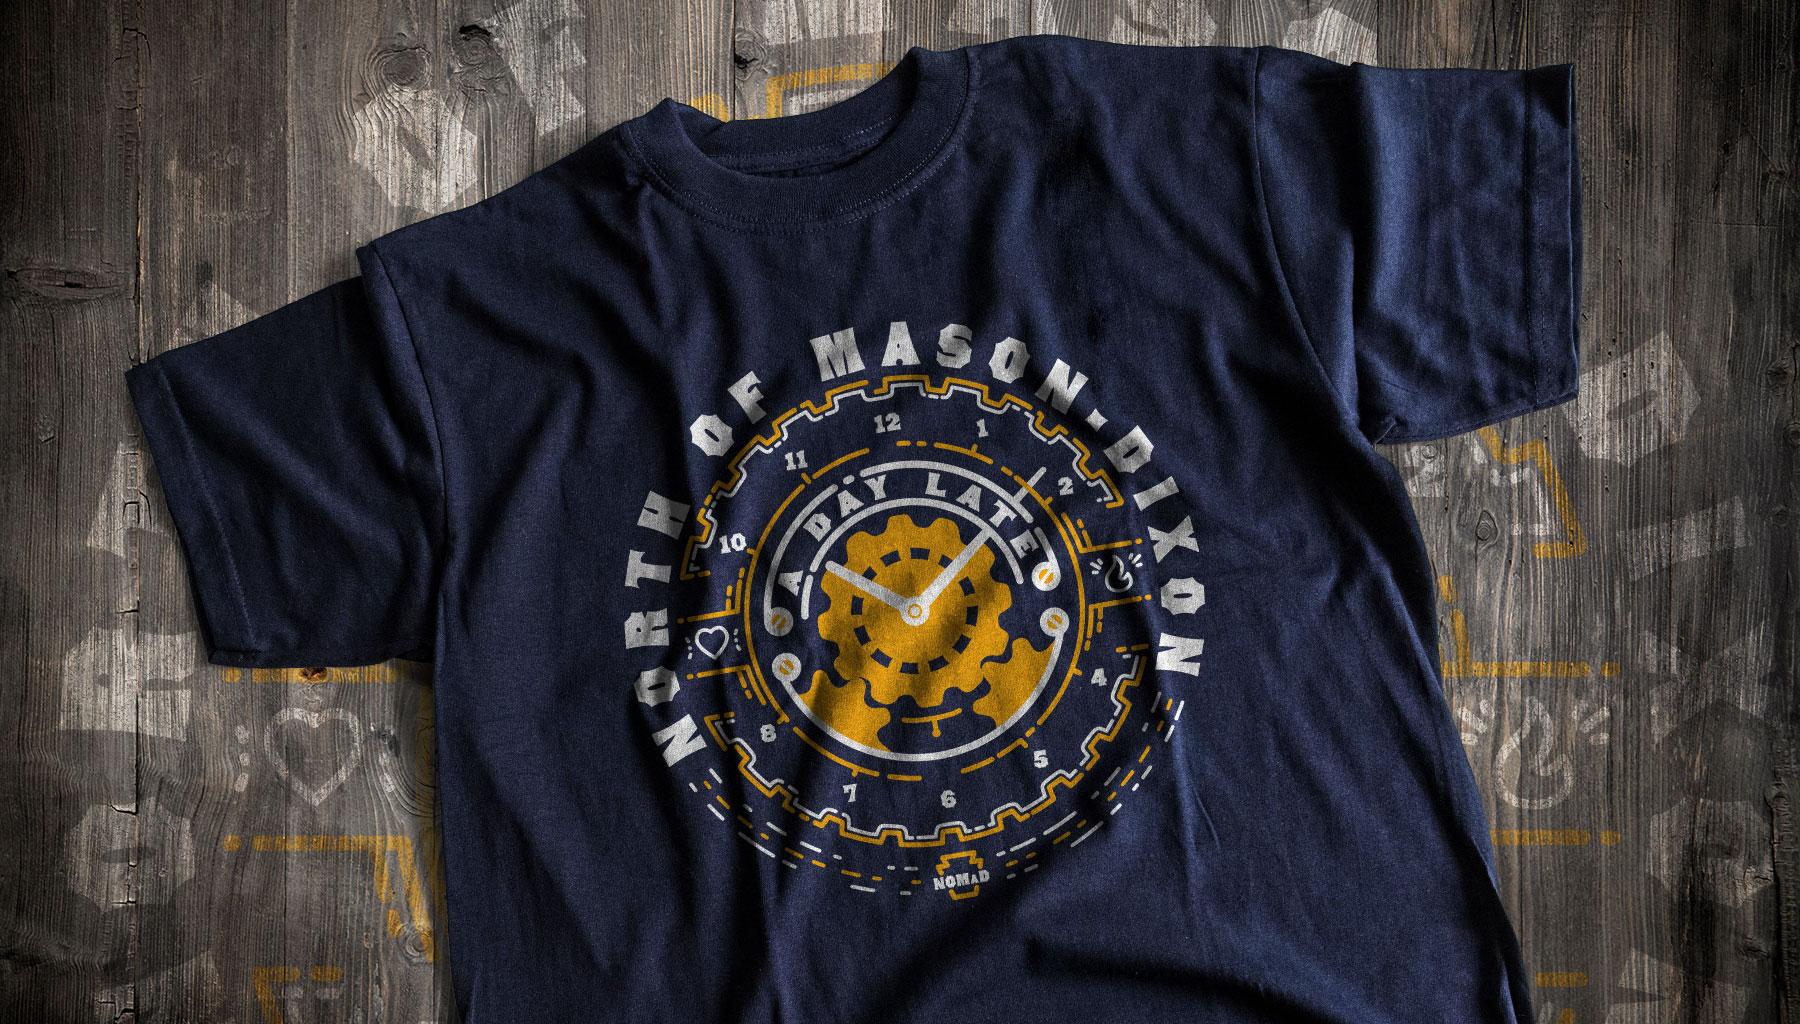 North Of the Mason-Dixon